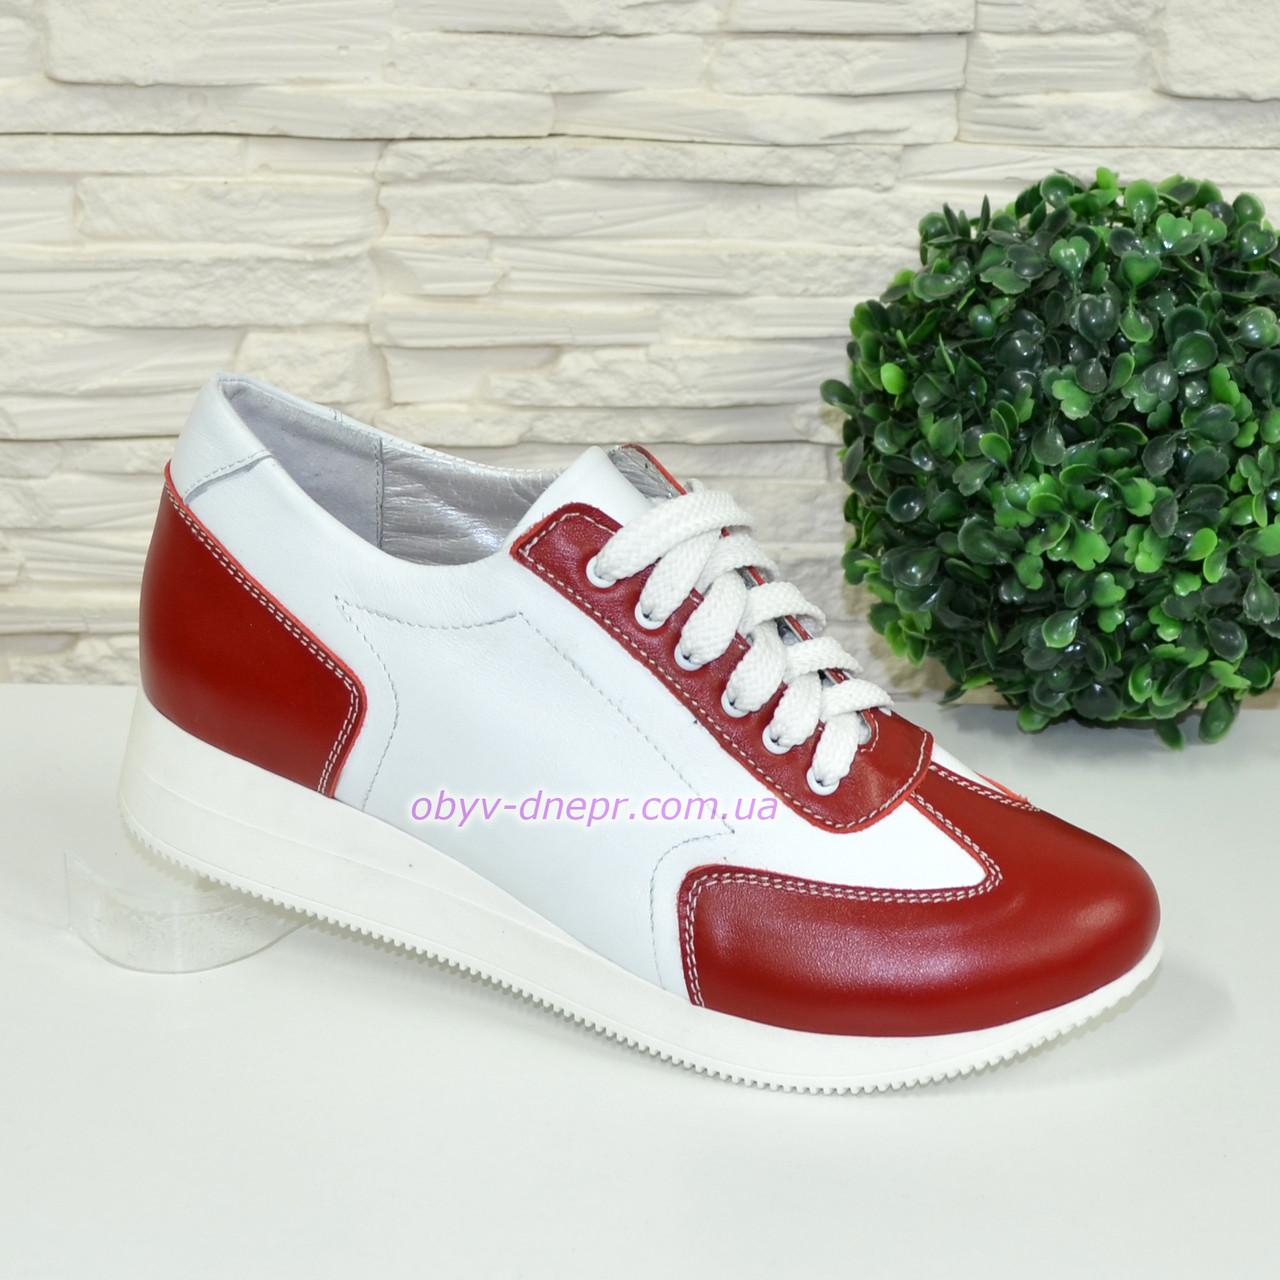 Туфли-кроссовки кожаные женские на утолщенной подошве, красный/белый цвет